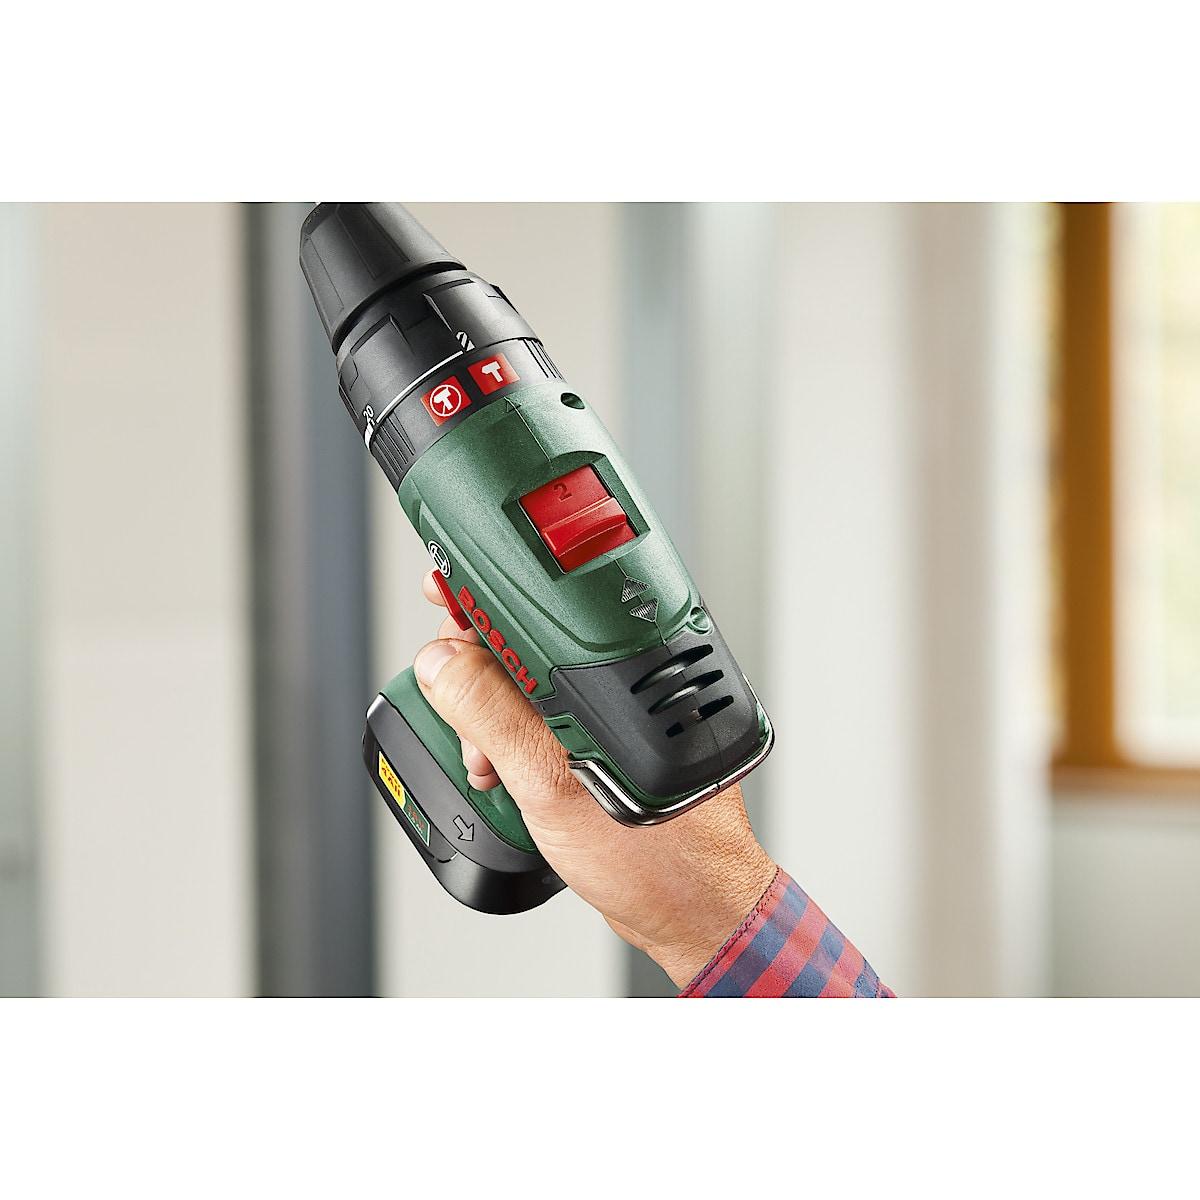 Porakone Bosch PSR 1800 LI-2